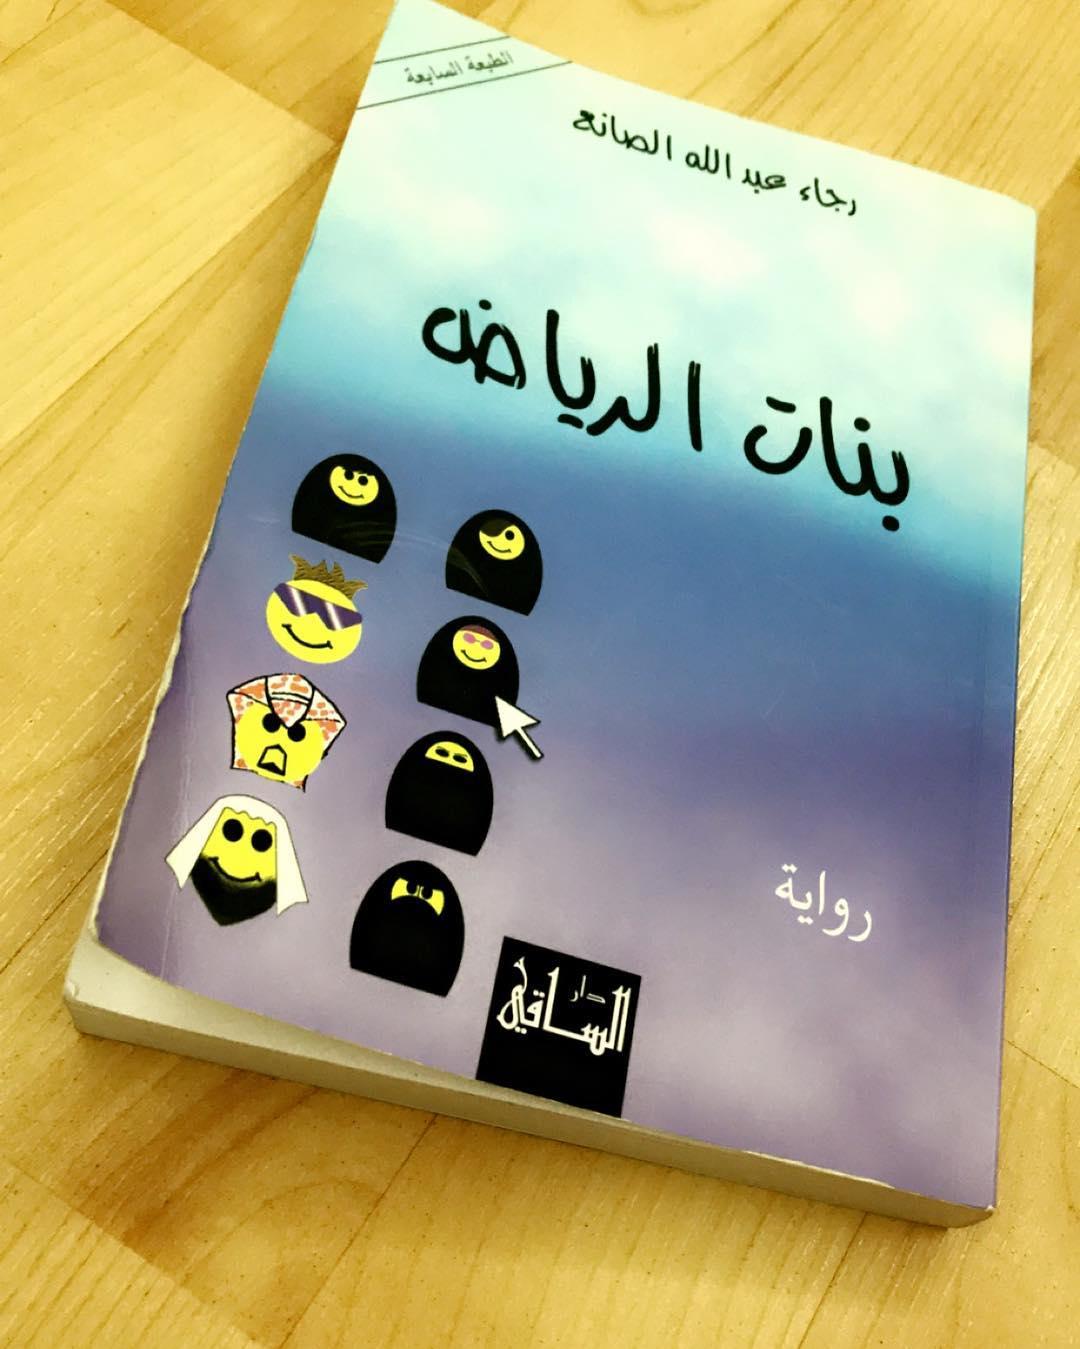 بالصور بنات الرياض رواية , اجمل الروايات المعبرة عن المجتمع 12364 1